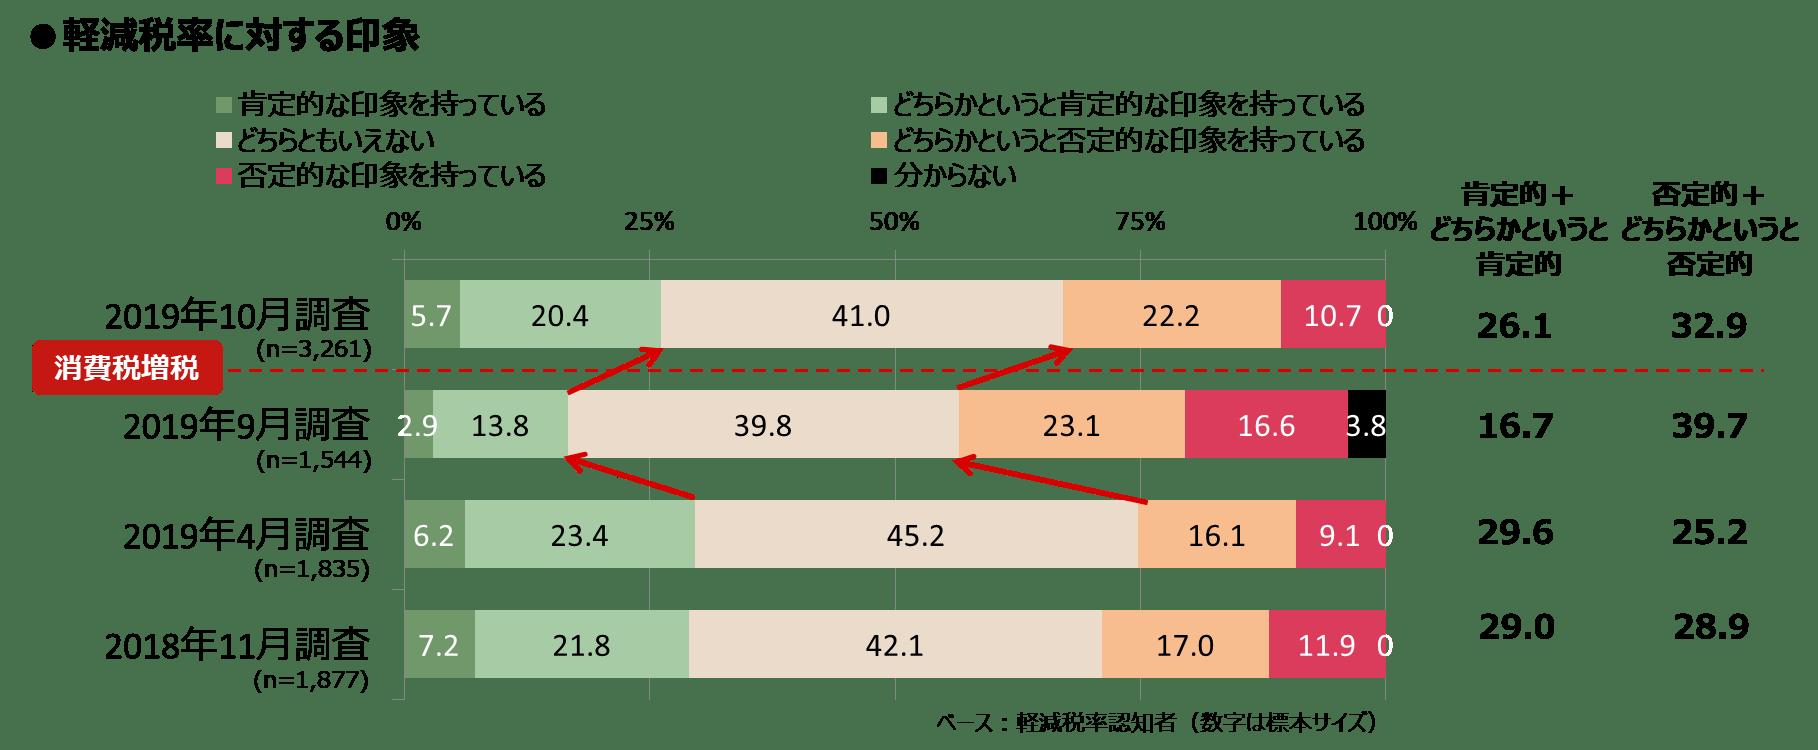 増税1ヶ月_図表3_軽減税率ポジネガ_知るギャラ.png